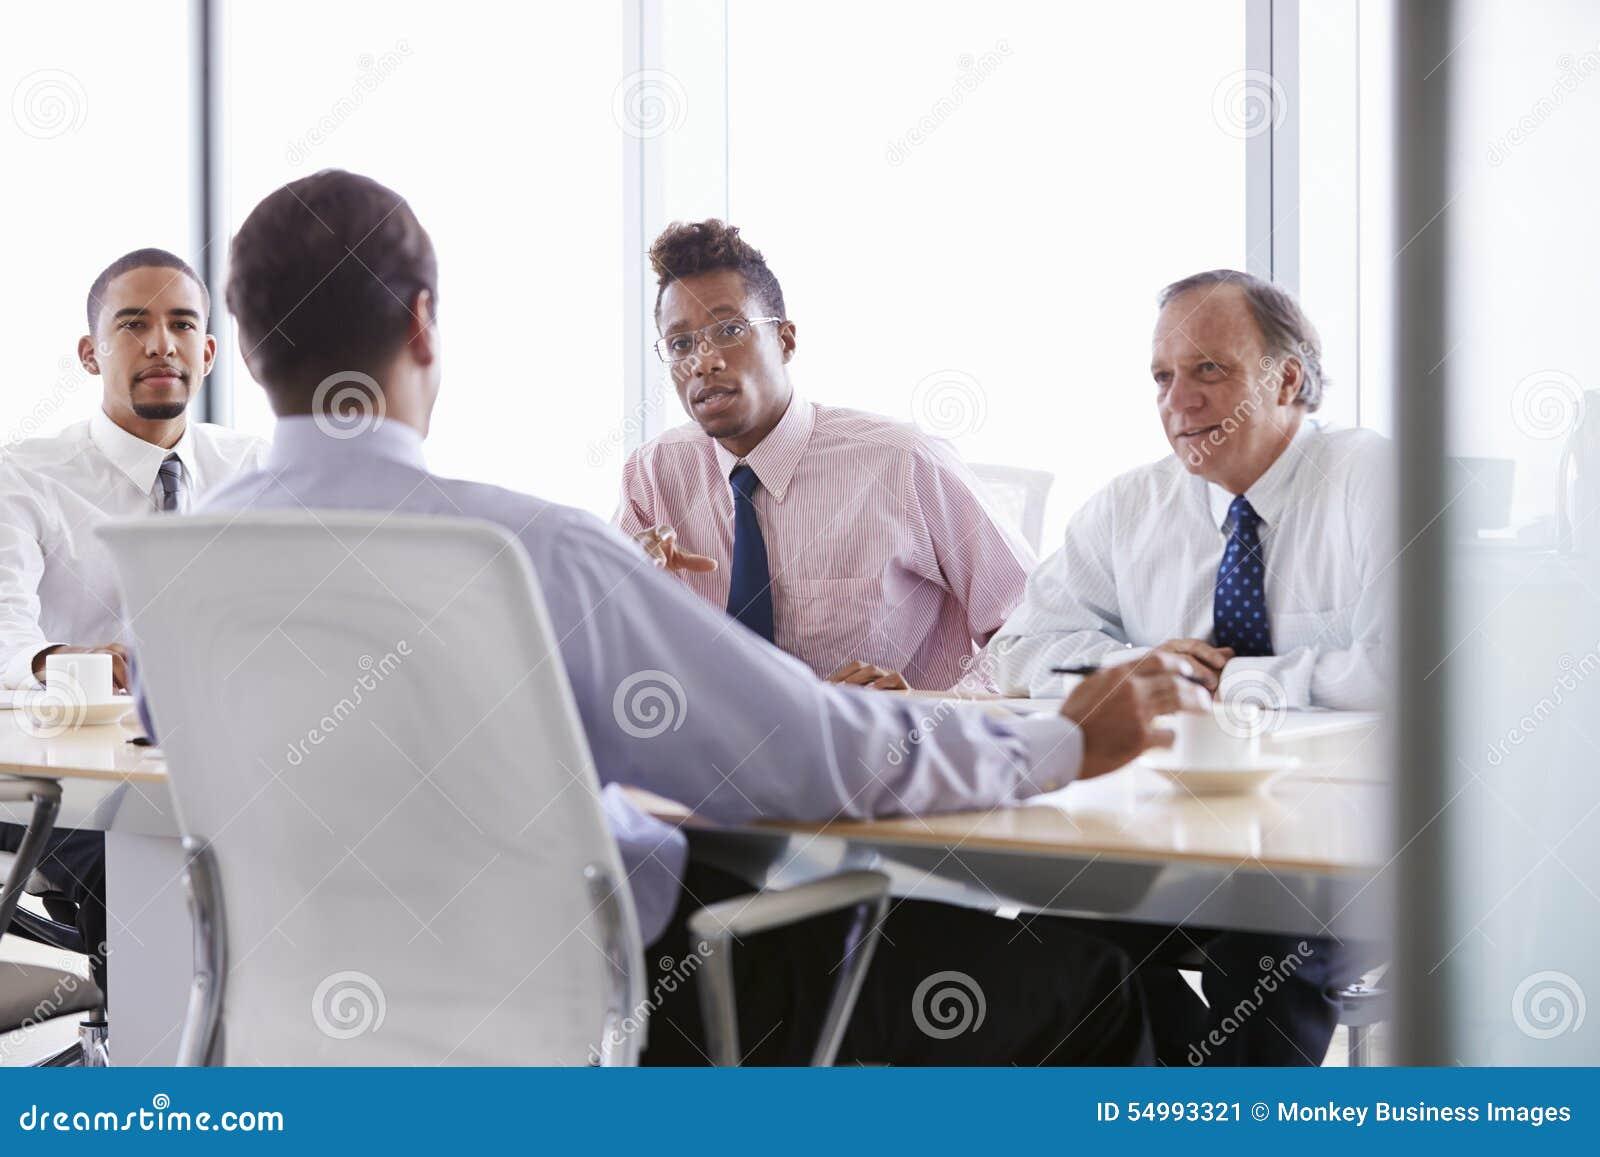 Τέσσερις επιχειρηματίες που διοργανώνουν τη συνεδρίαση γύρω από τον πίνακα αιθουσών συνεδριάσεων